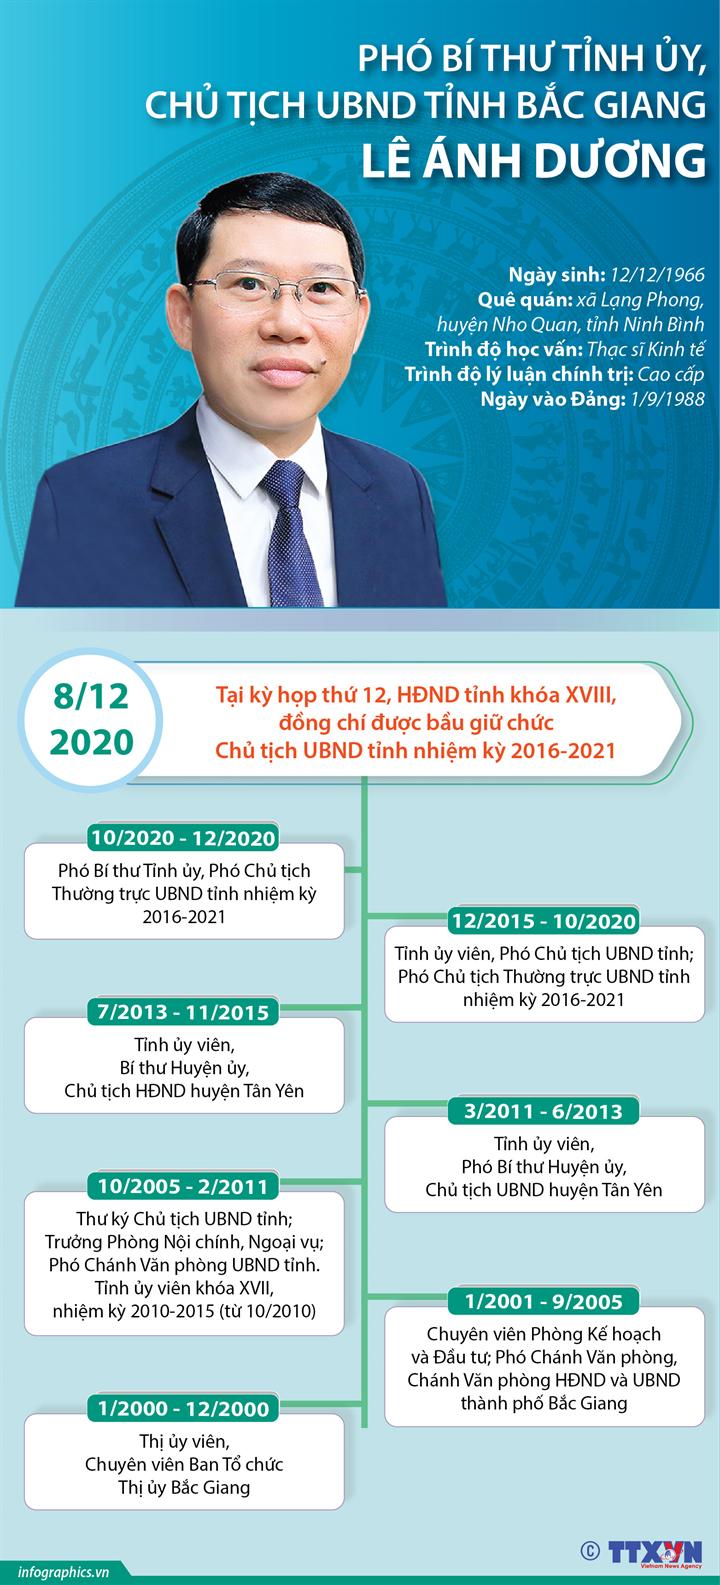 Phó Bí thư Tỉnh ủy, Chủ tịch UBND tỉnh Bắc Giang Lê Ánh Dương